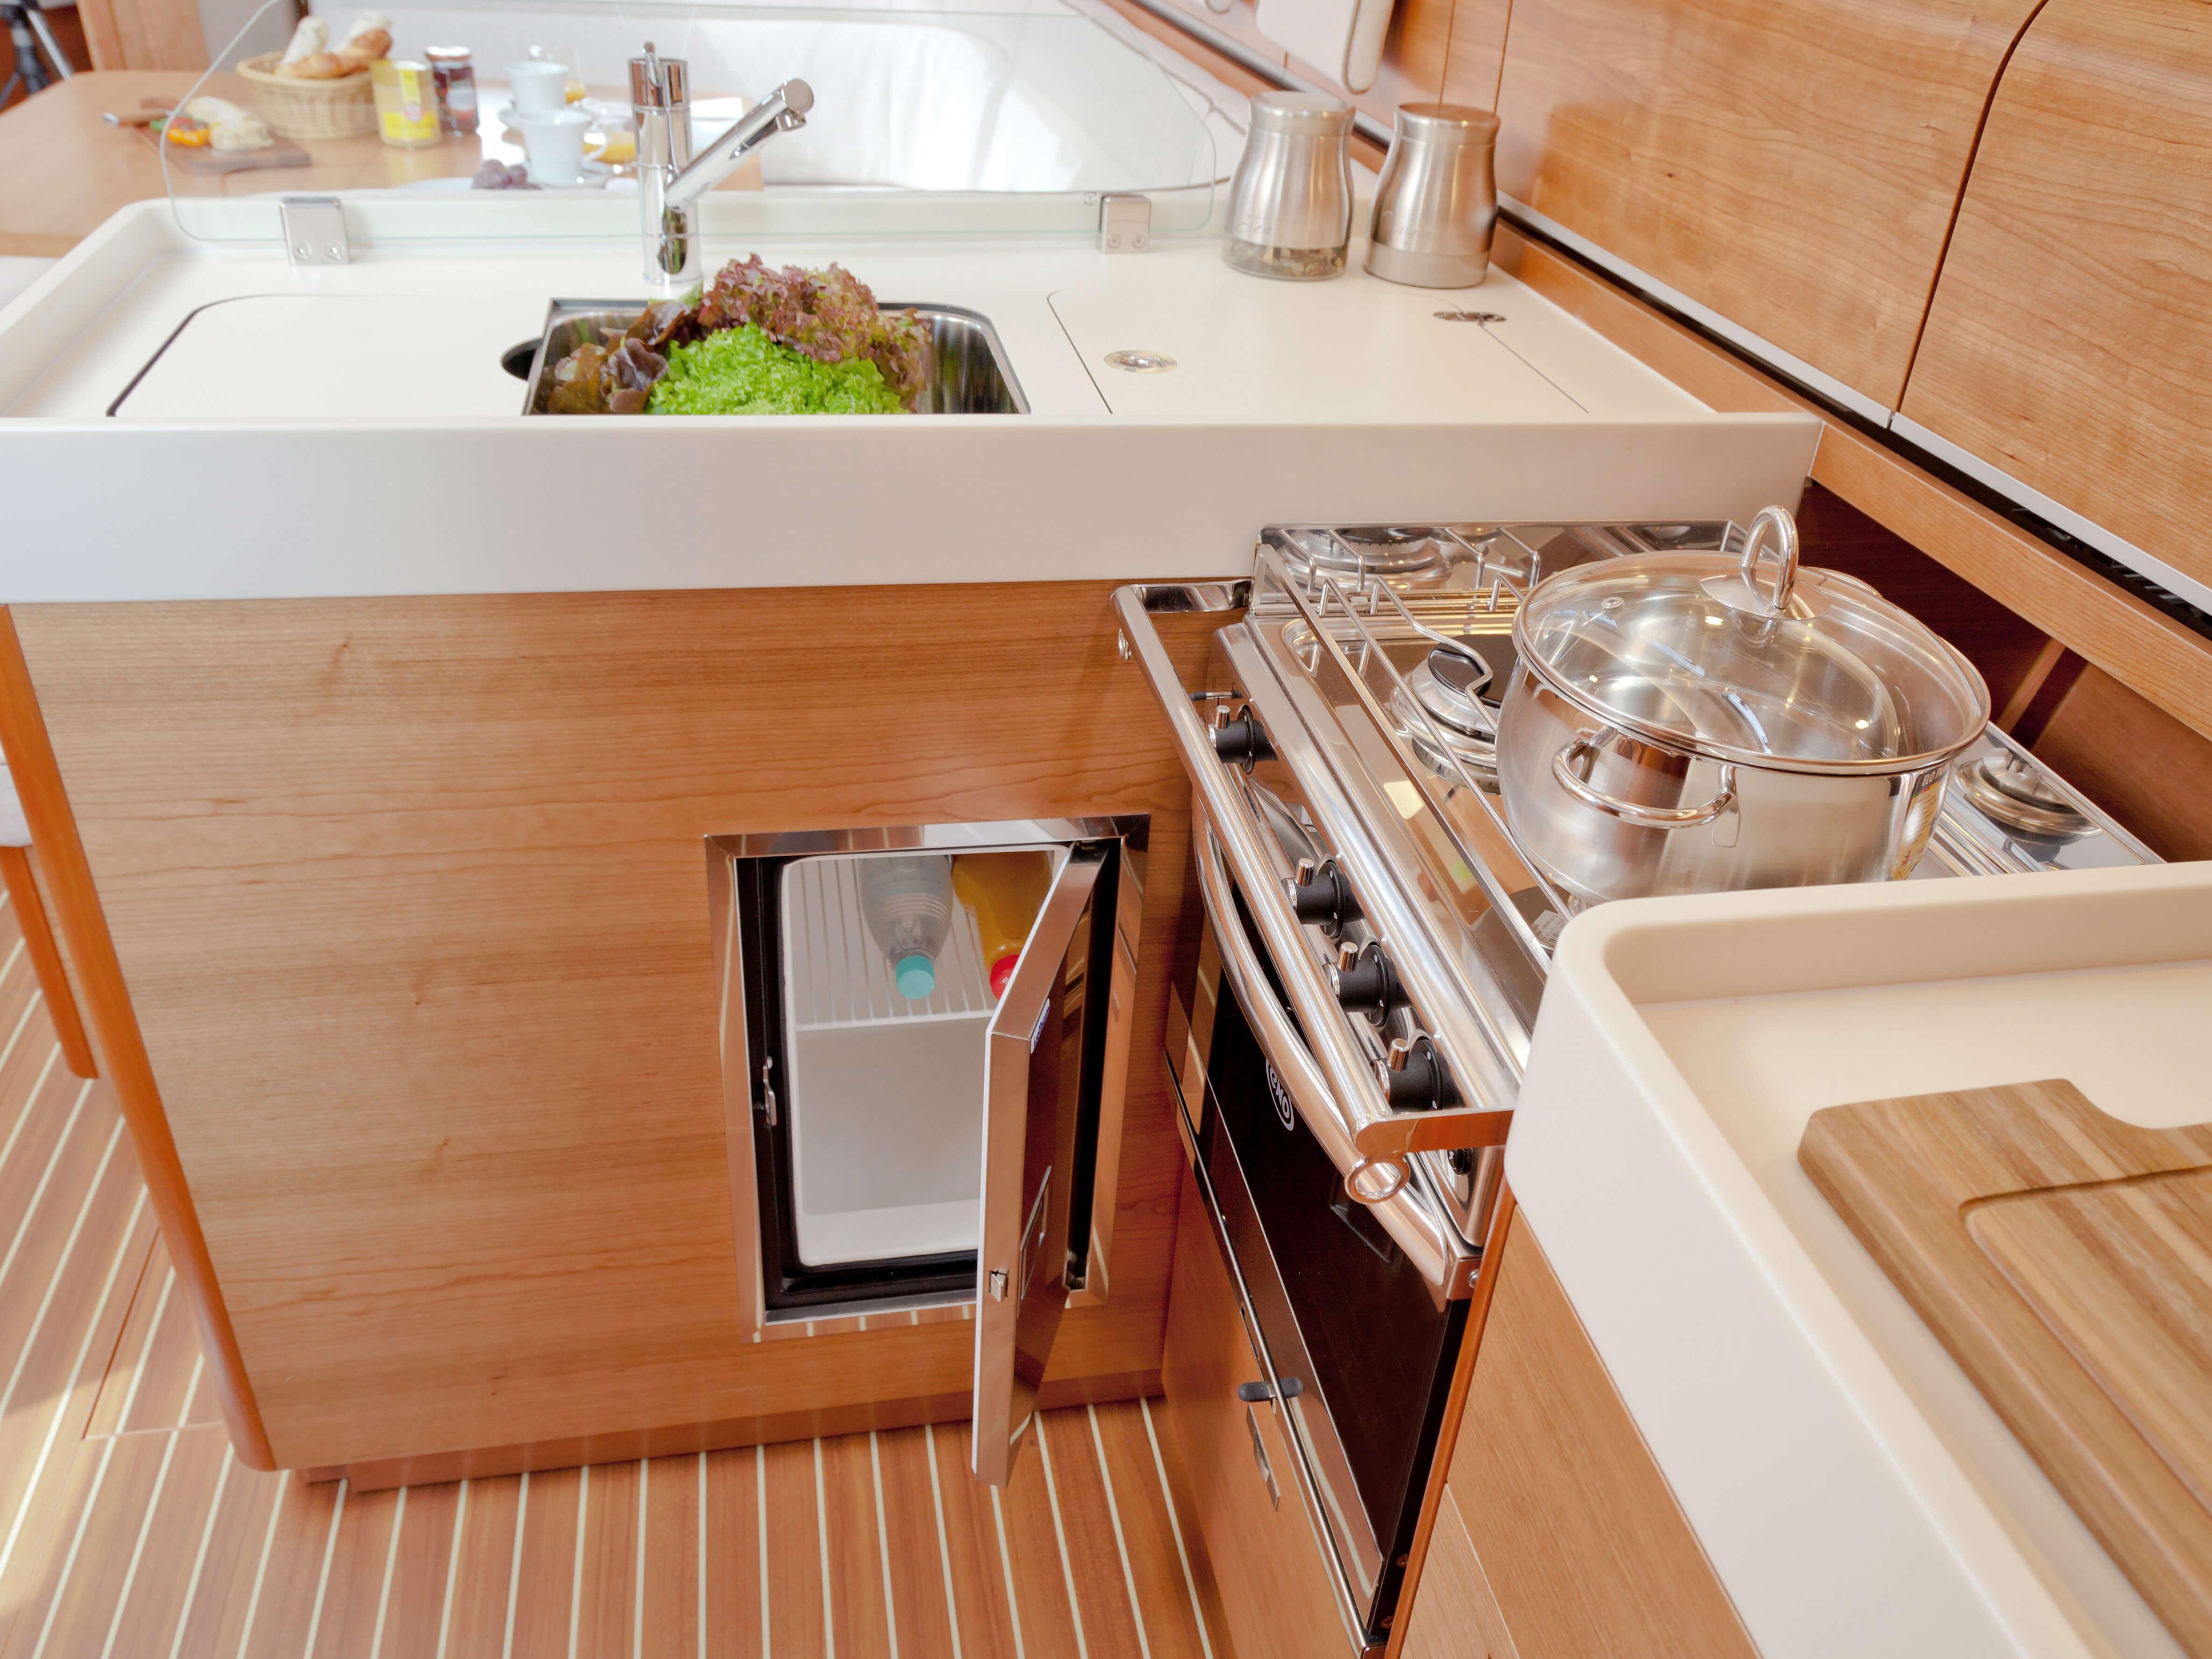 Dehler 46 Vista interior galera | fregadero, estufa, caja de enfriamiento | Dehler